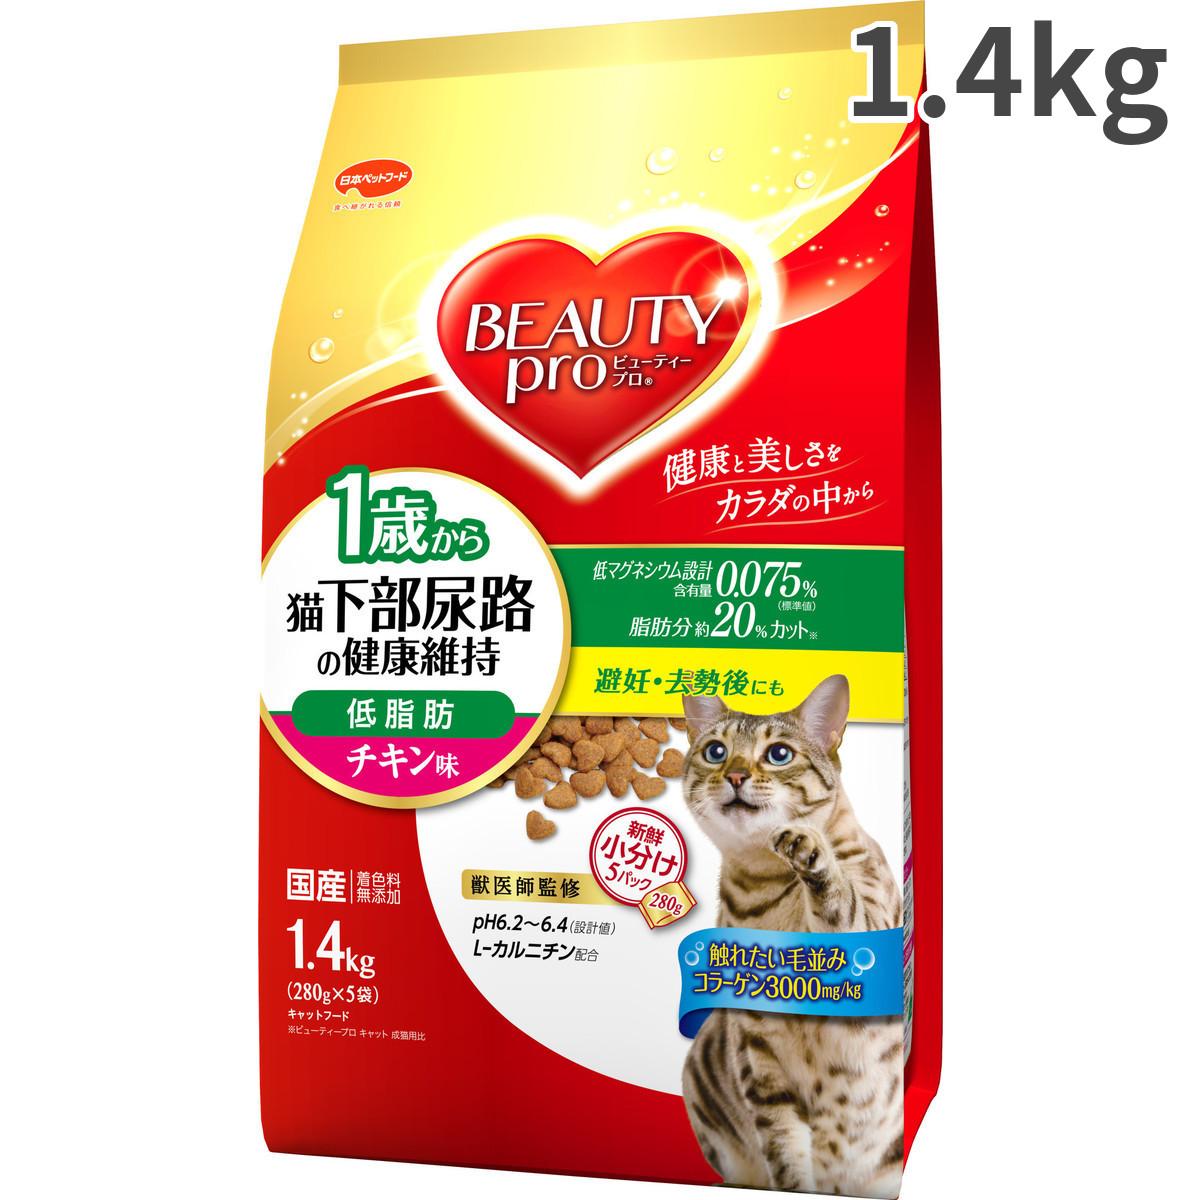 【お取寄せ品】日本ペットフード ビューティプロ 1歳から 下部尿路 低脂肪 チキン 成猫用 1.4kg